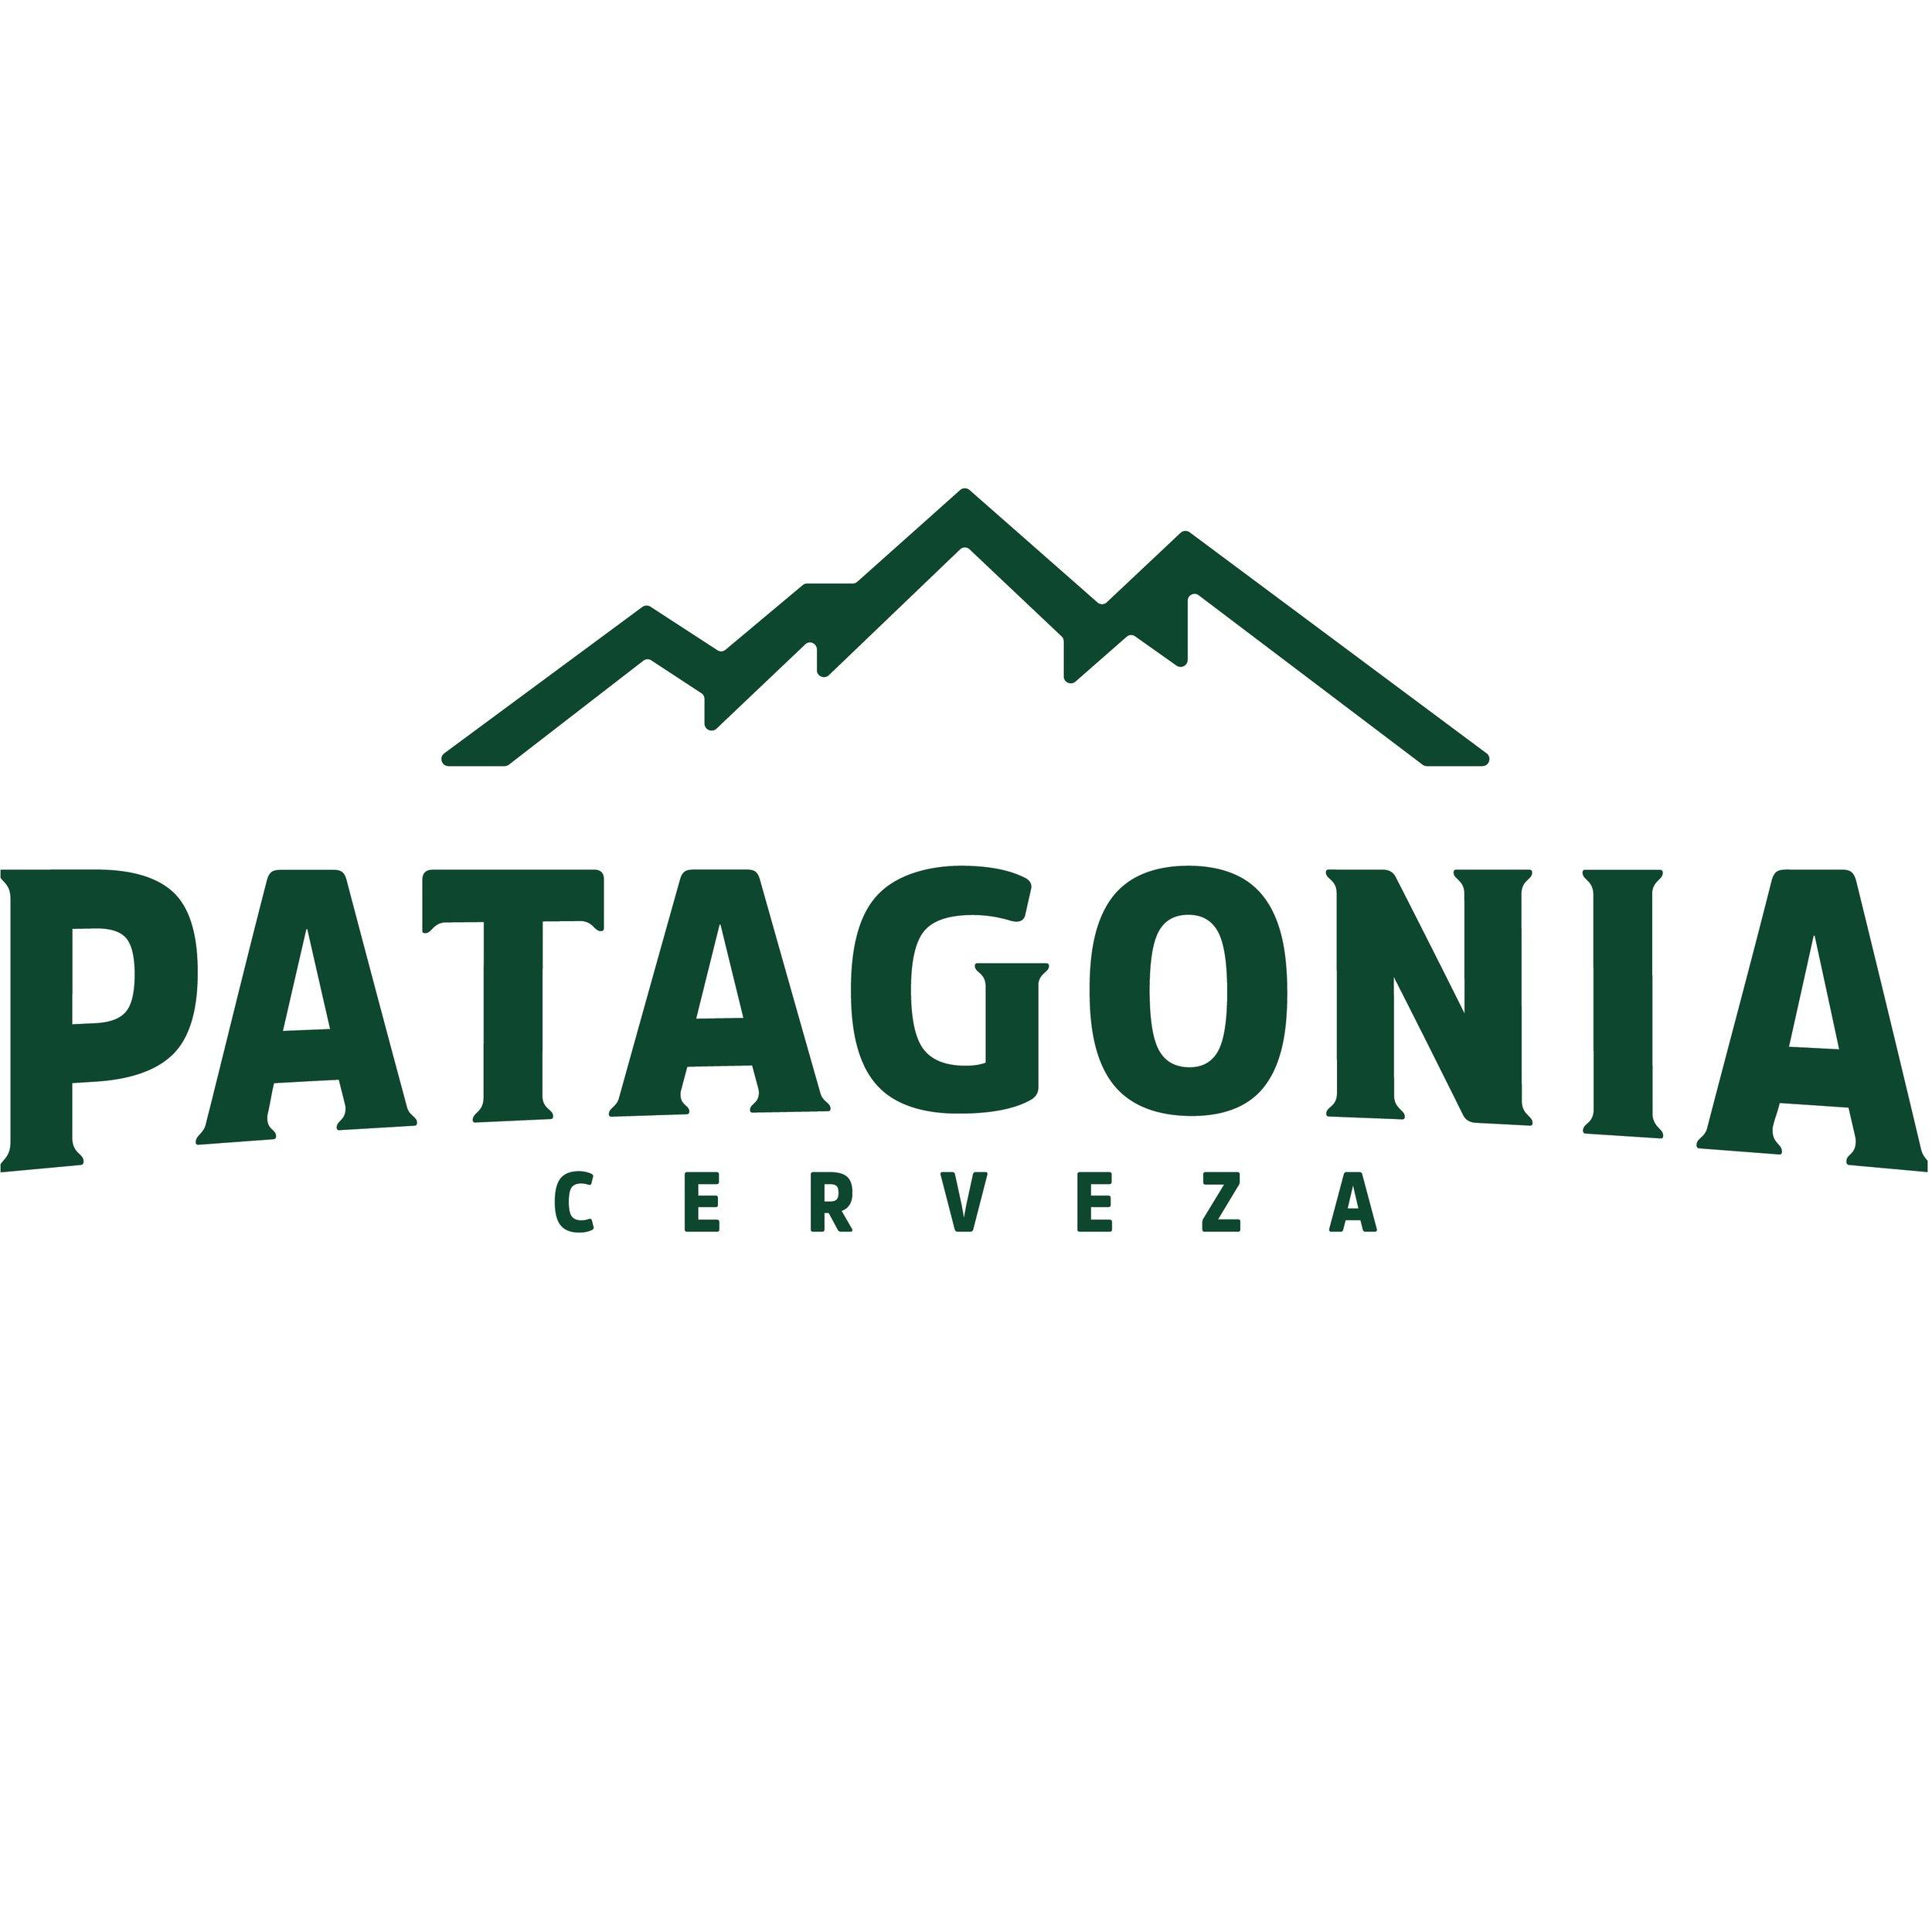 Patagonia Cerveza